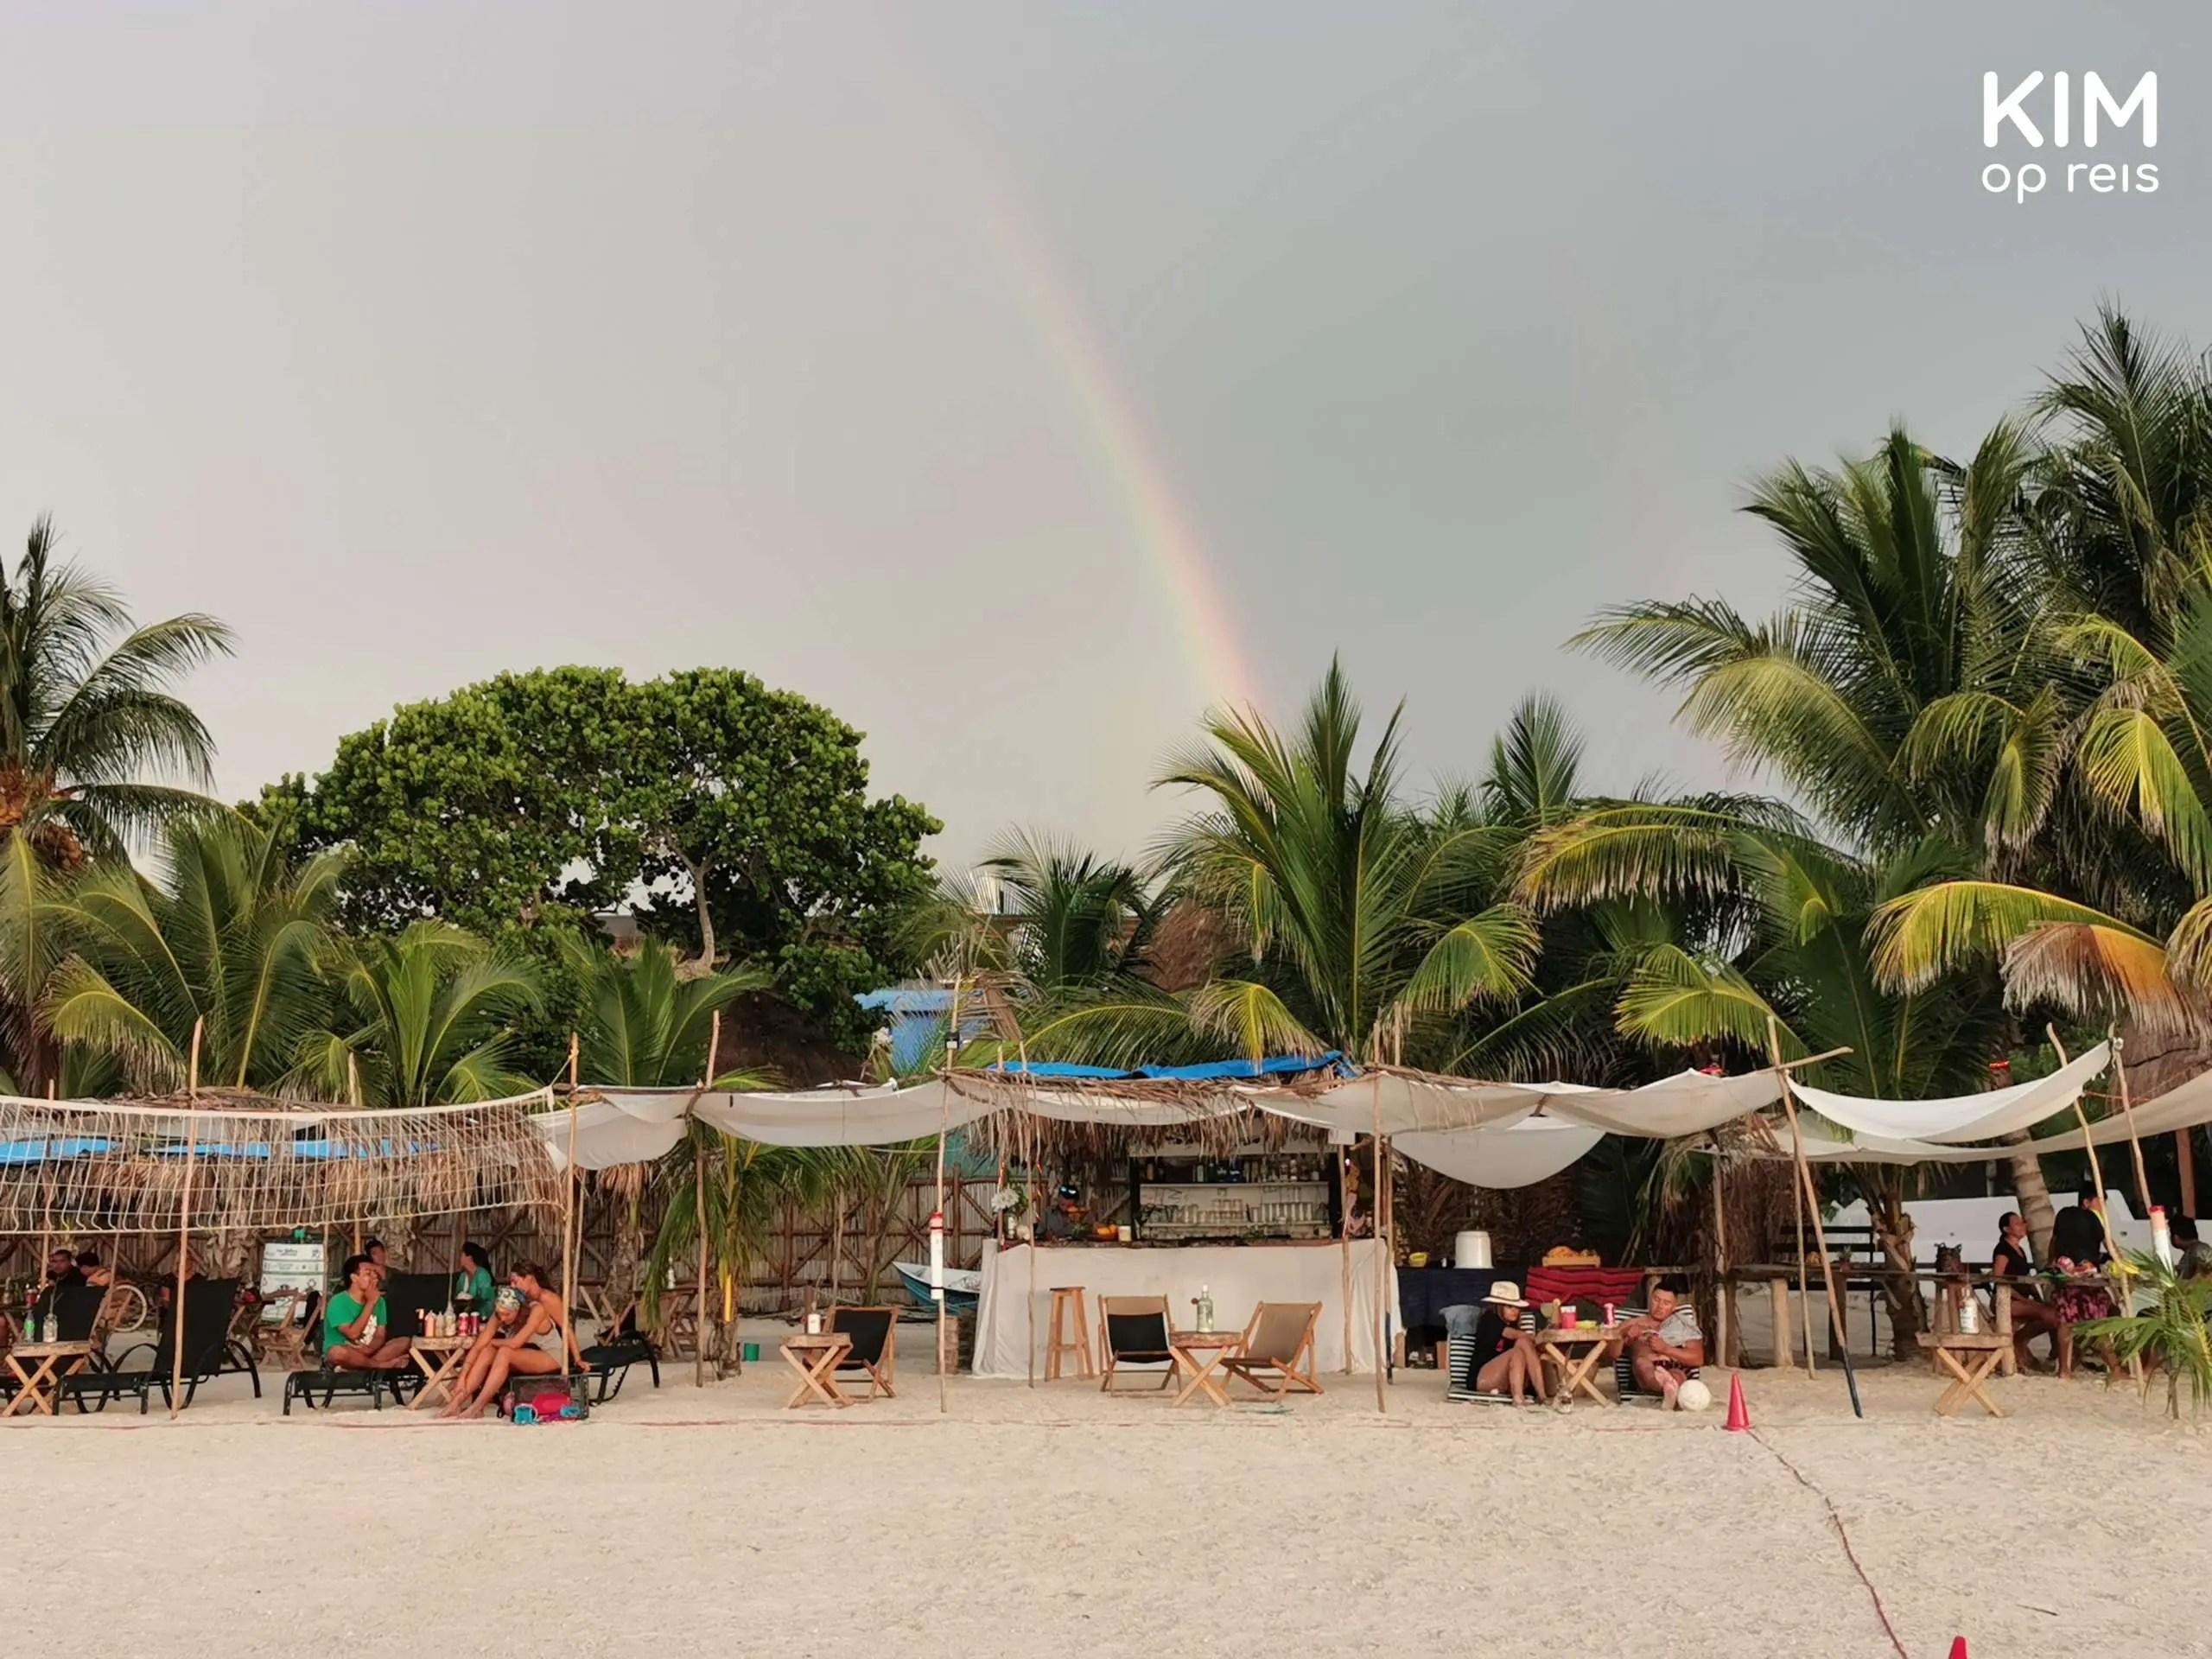 Isla Holbox strand strandtentjes: strandtentjes met op de achtergrond een regenboog